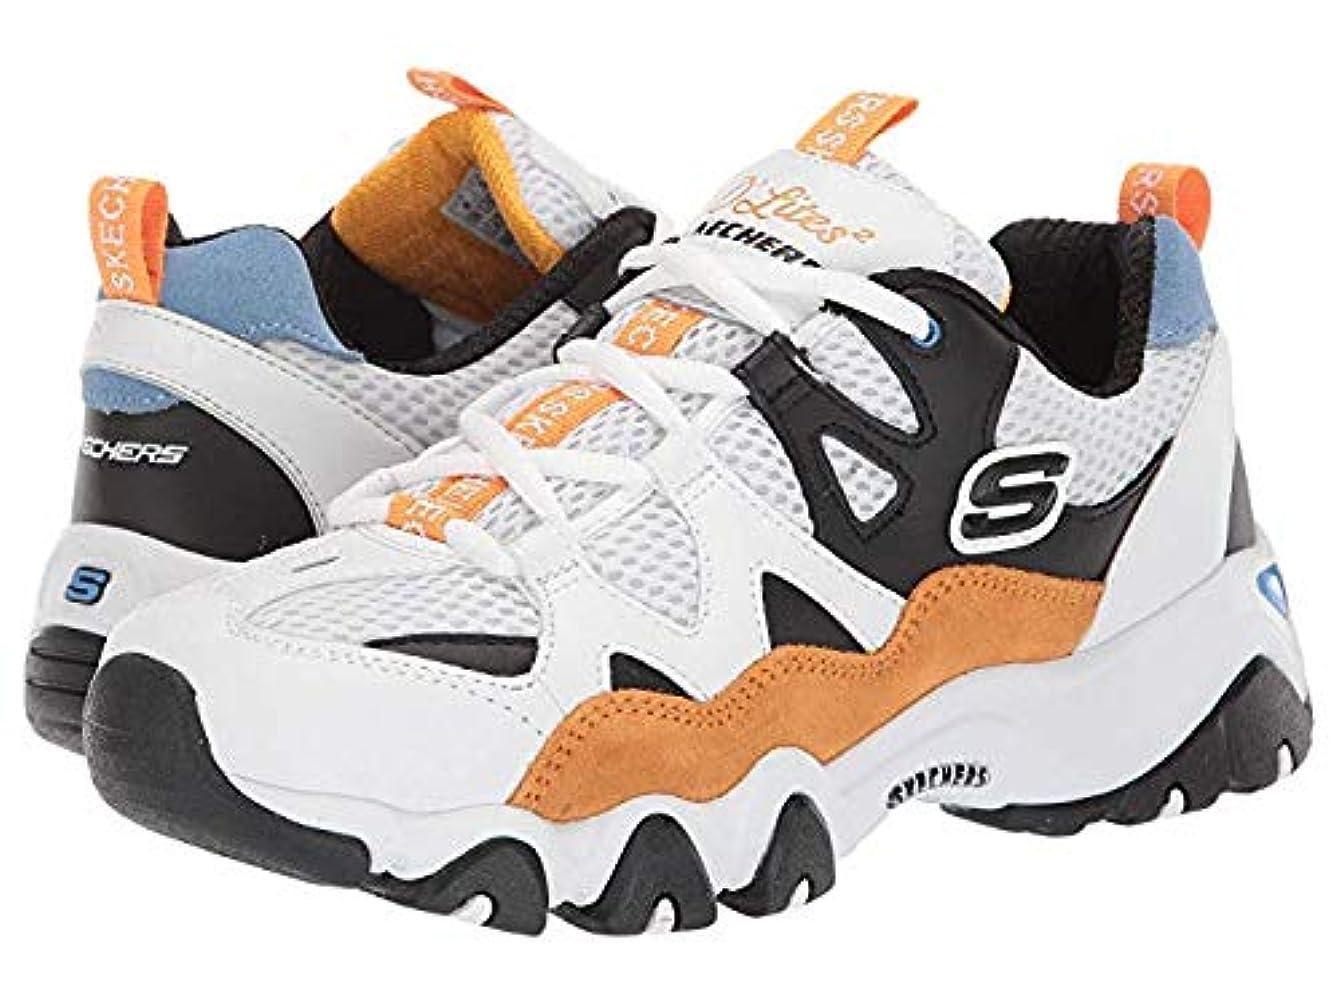 [スケッチャーズ] レディーススニーカー?靴?シューズ D'Lites 2.0-Wild Summers White/Black/Gold US 7.5 (24.5cm) B - Medium [並行輸入品]